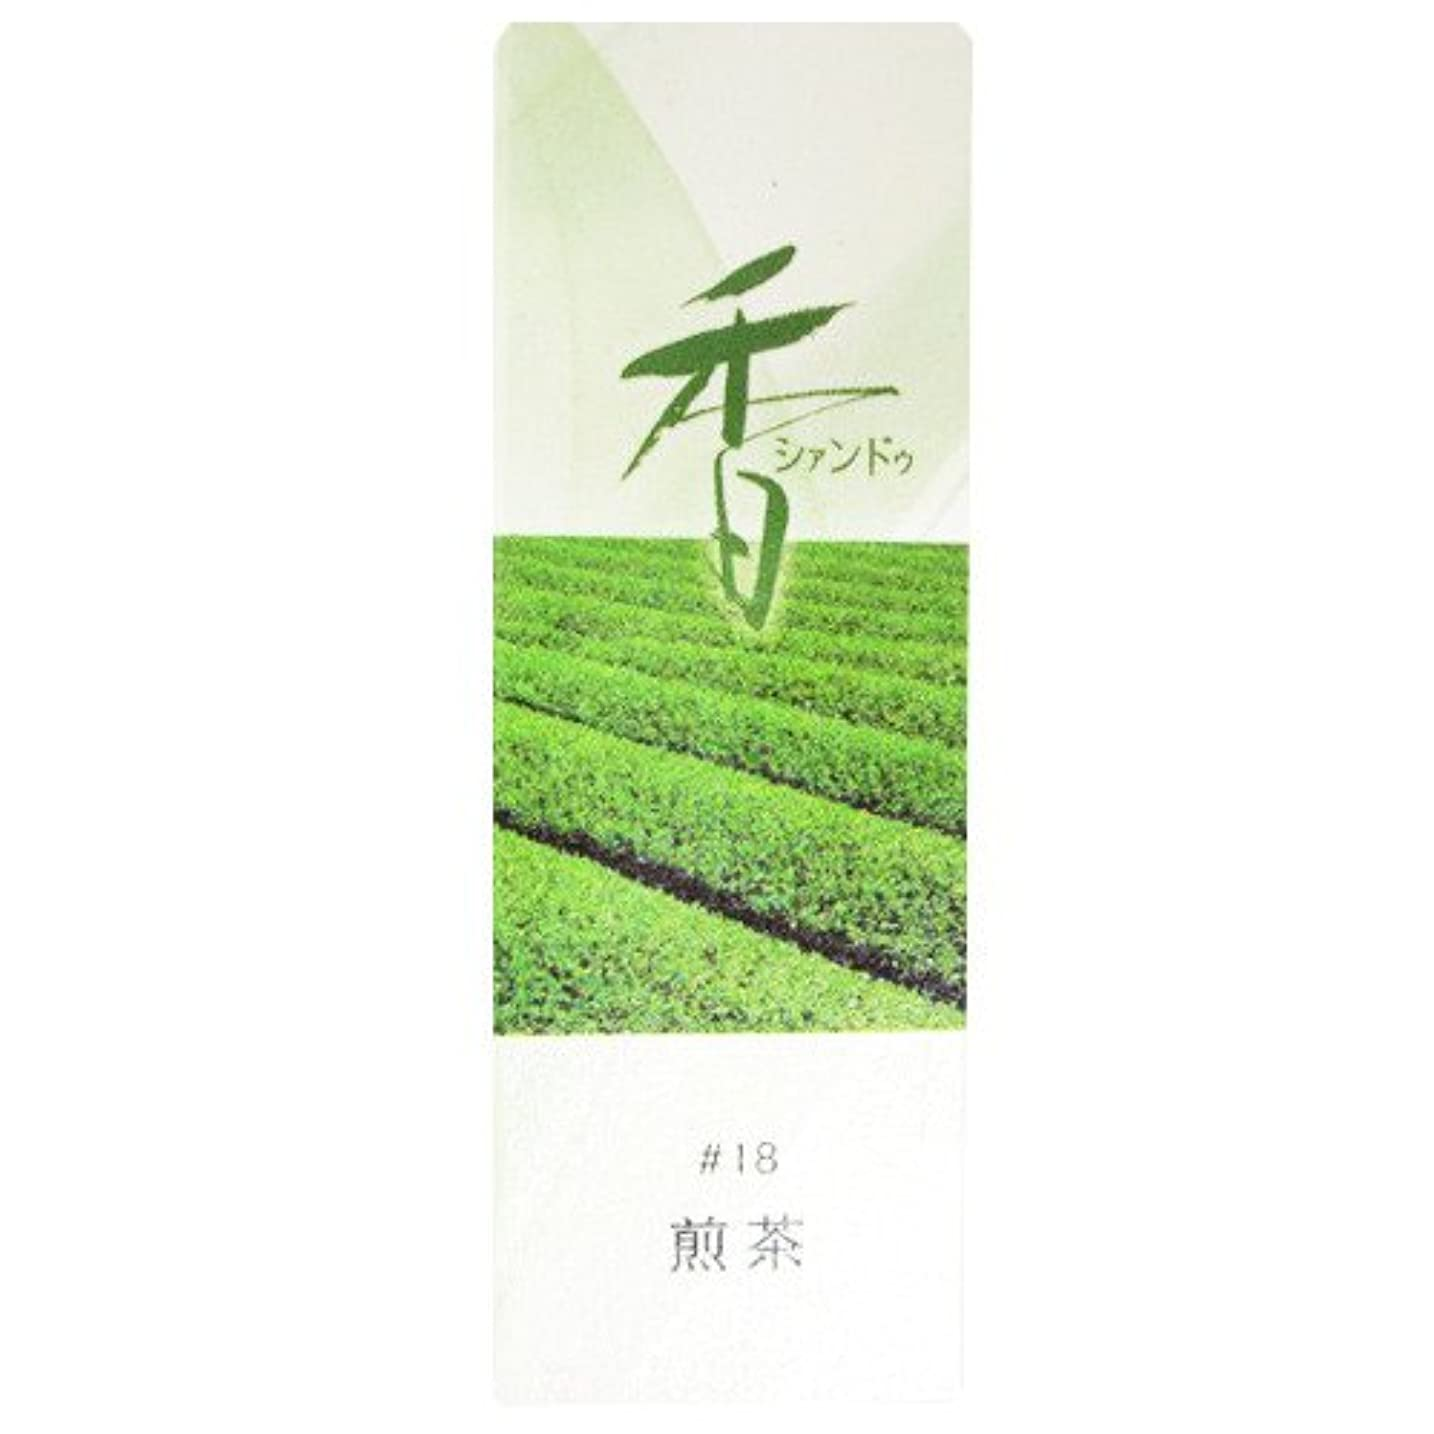 貸し手ベリー努力松栄堂のお香 Xiang Do(シャンドゥ) 煎茶 ST20本入 簡易香立付 #214218